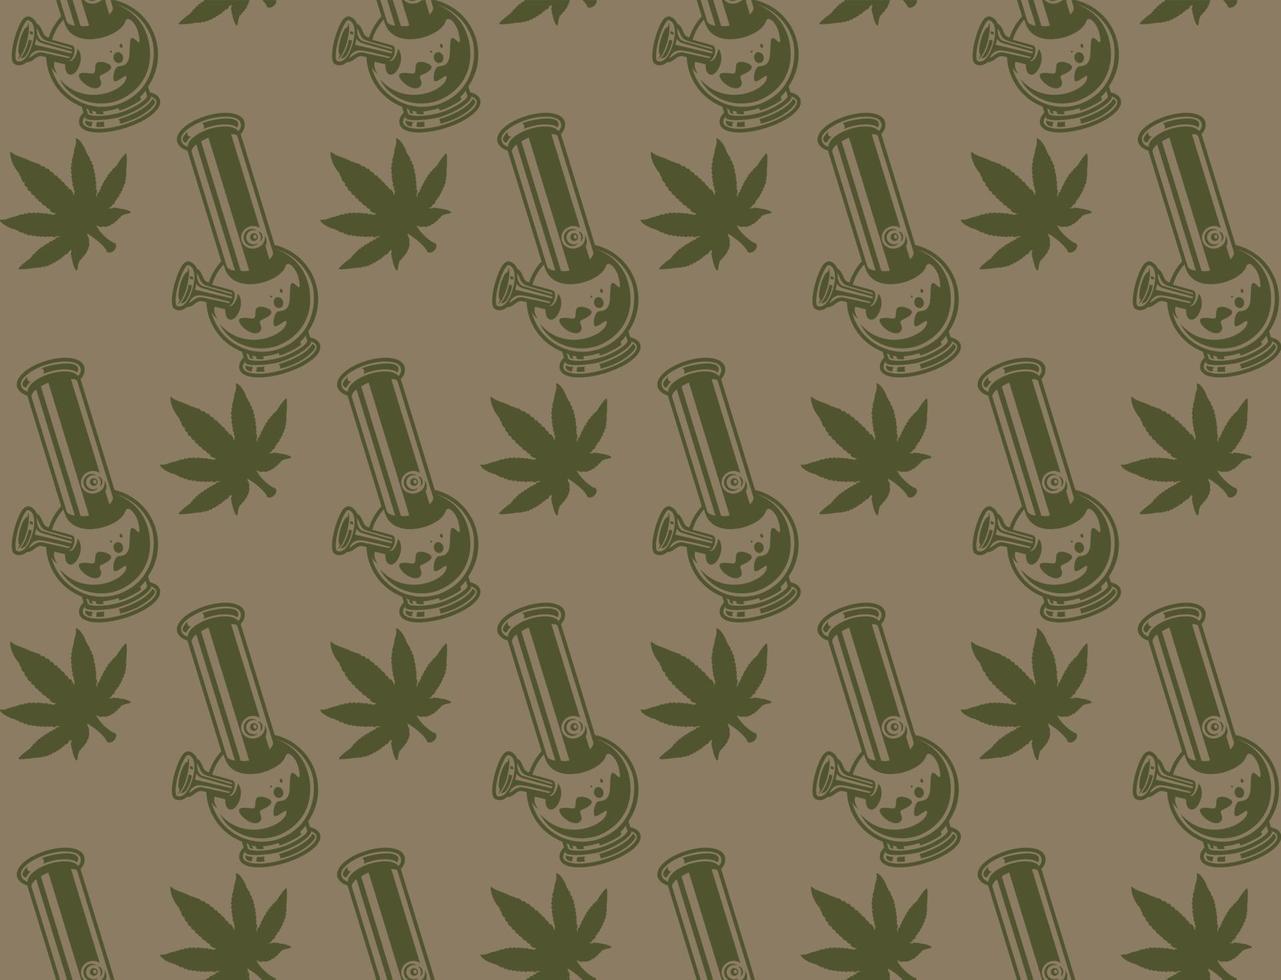 vintage sömlösa mönster med ett cannabisblad vektor